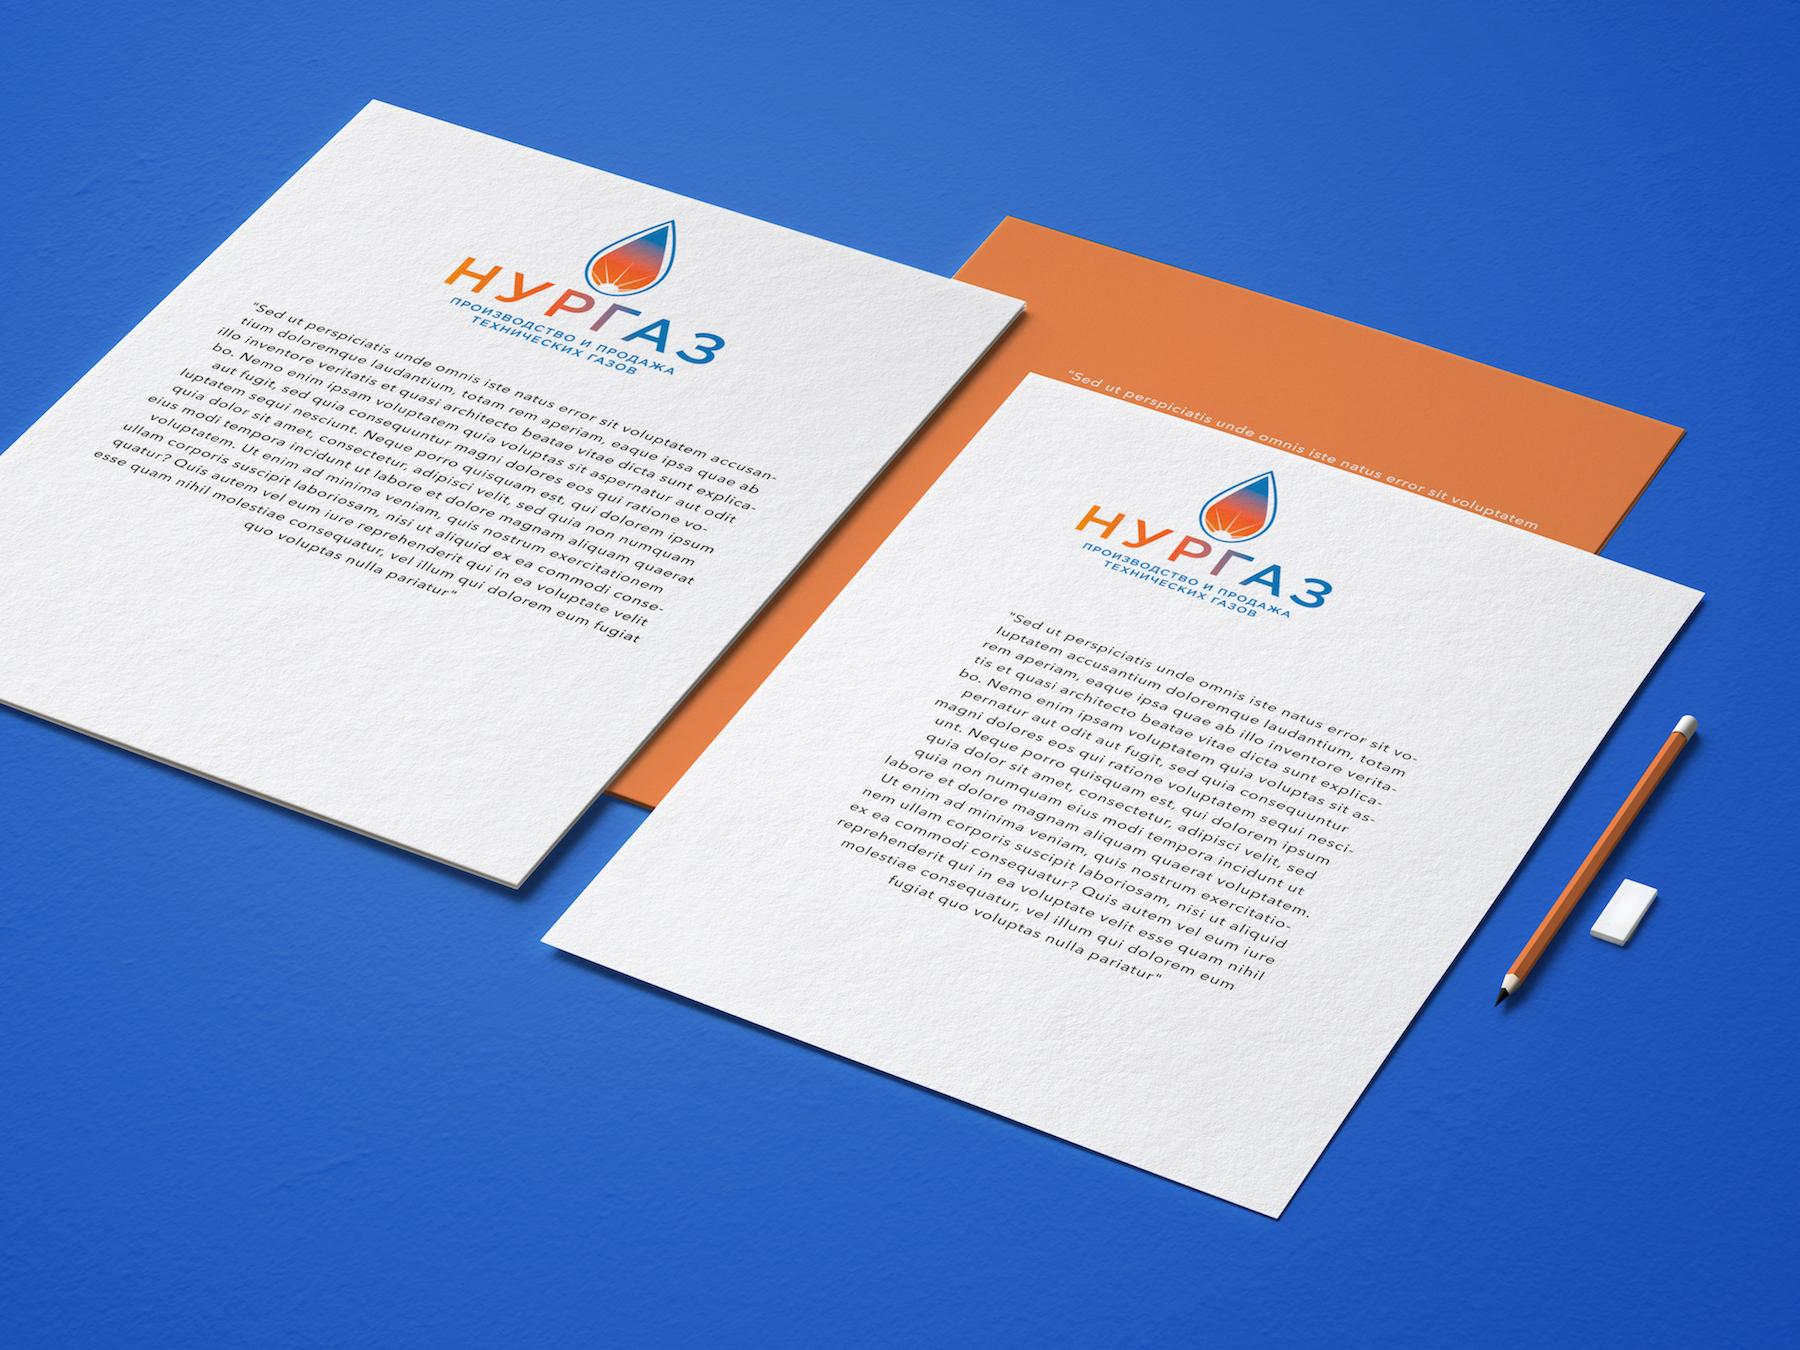 Разработка логотипа и фирменного стиля фото f_4795d9d9ec148d25.jpg